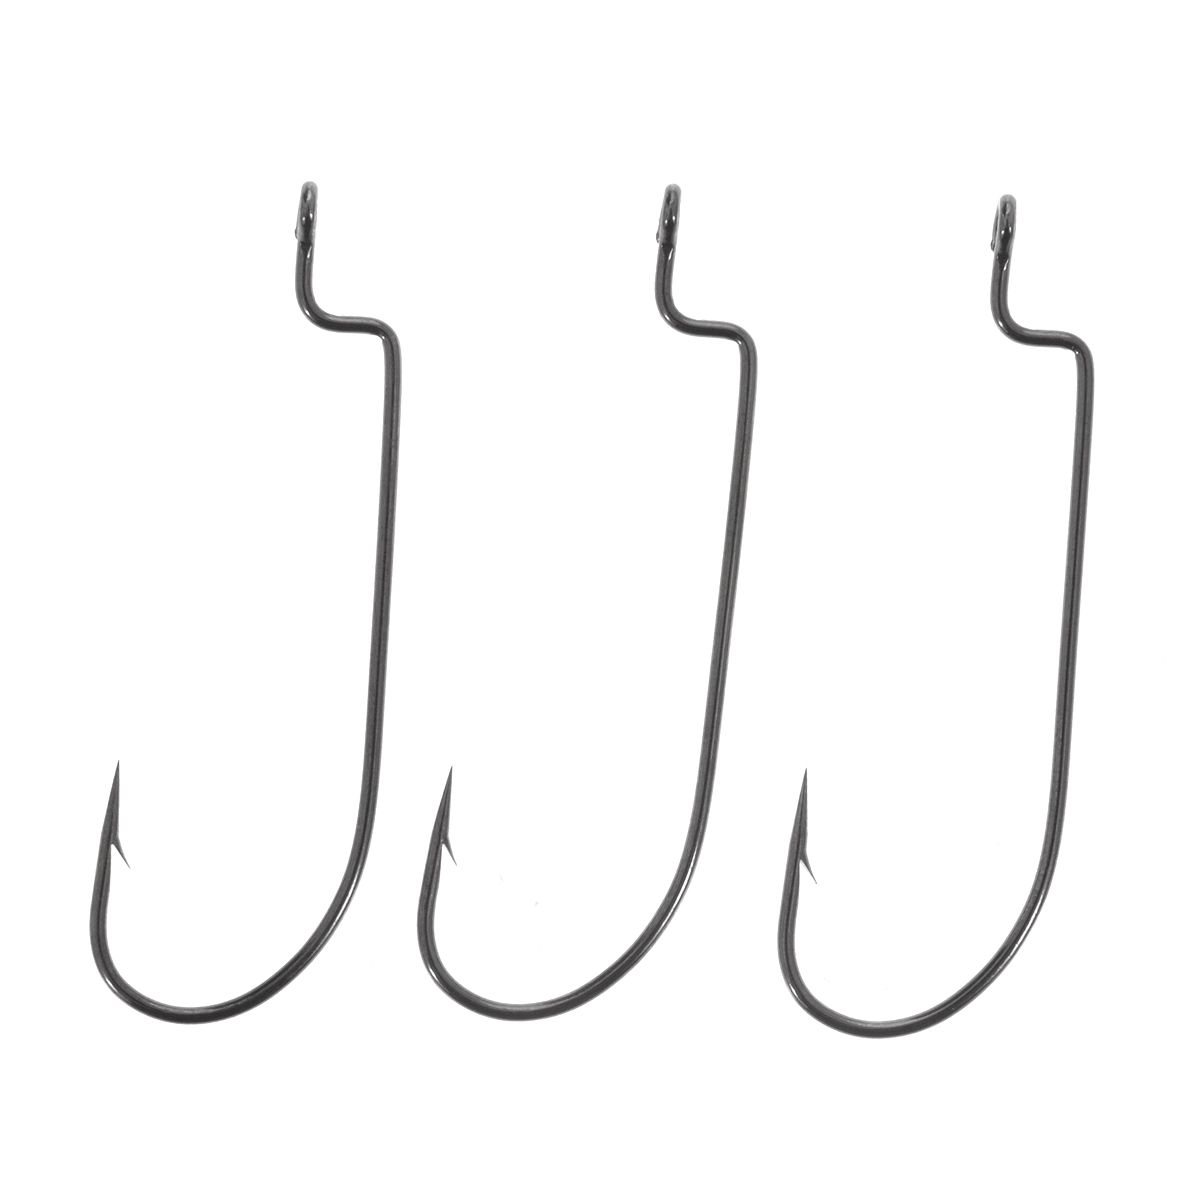 Крючки рыболовные офсетные Cobra L-worm, цвет: черный, размер 3/0, 3 шт